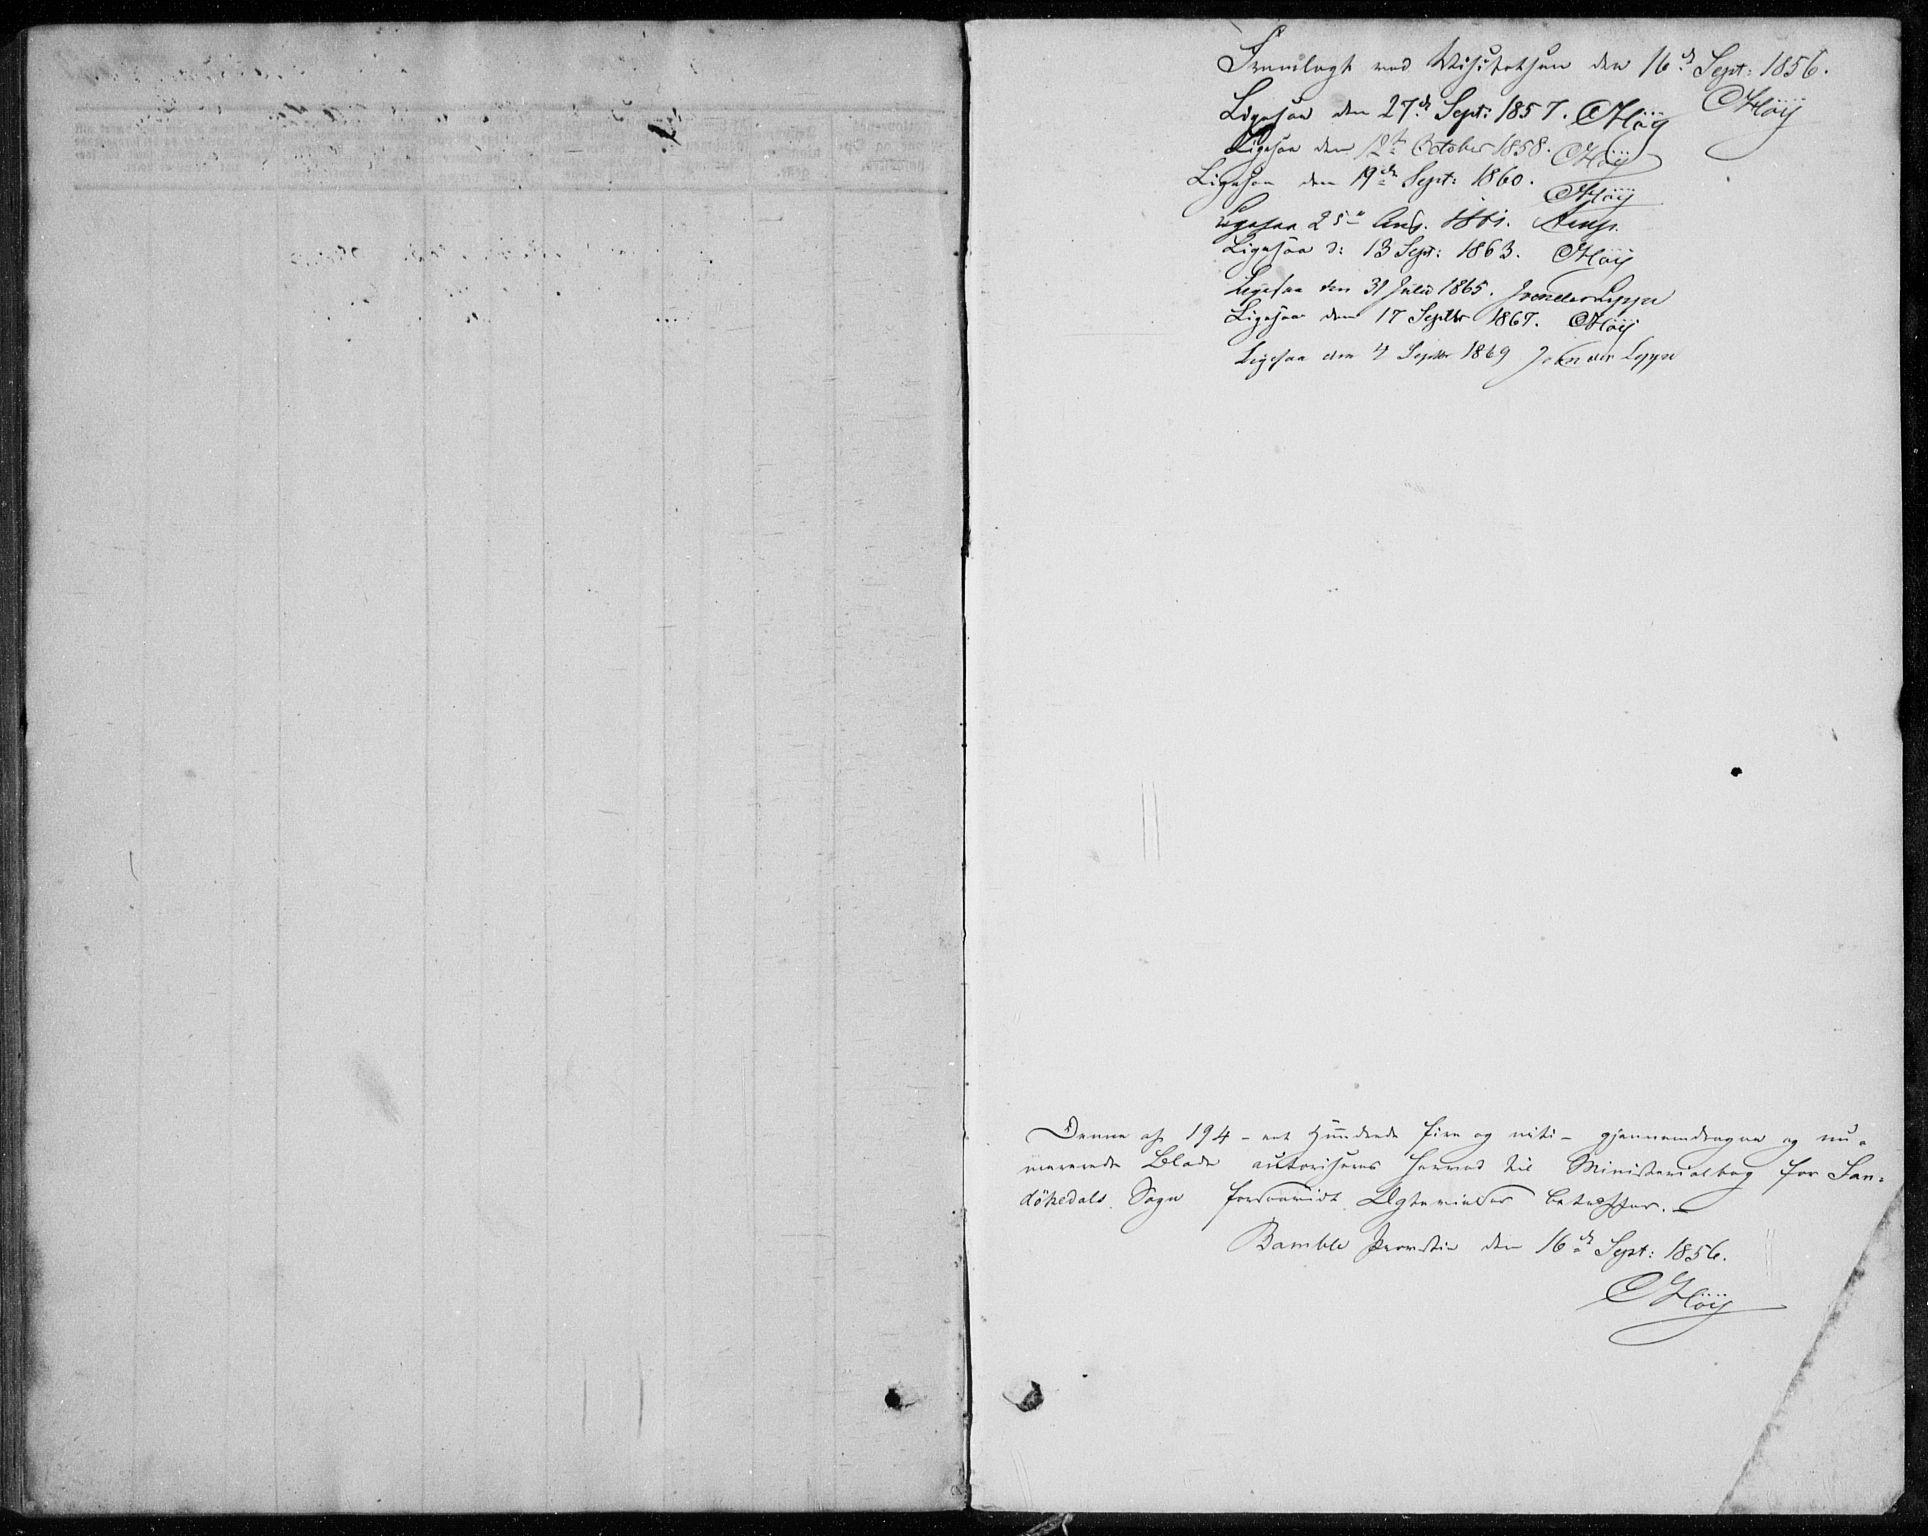 SAKO, Sannidal kirkebøker, F/Fa/L0010: Ministerialbok nr. 10, 1855-1873